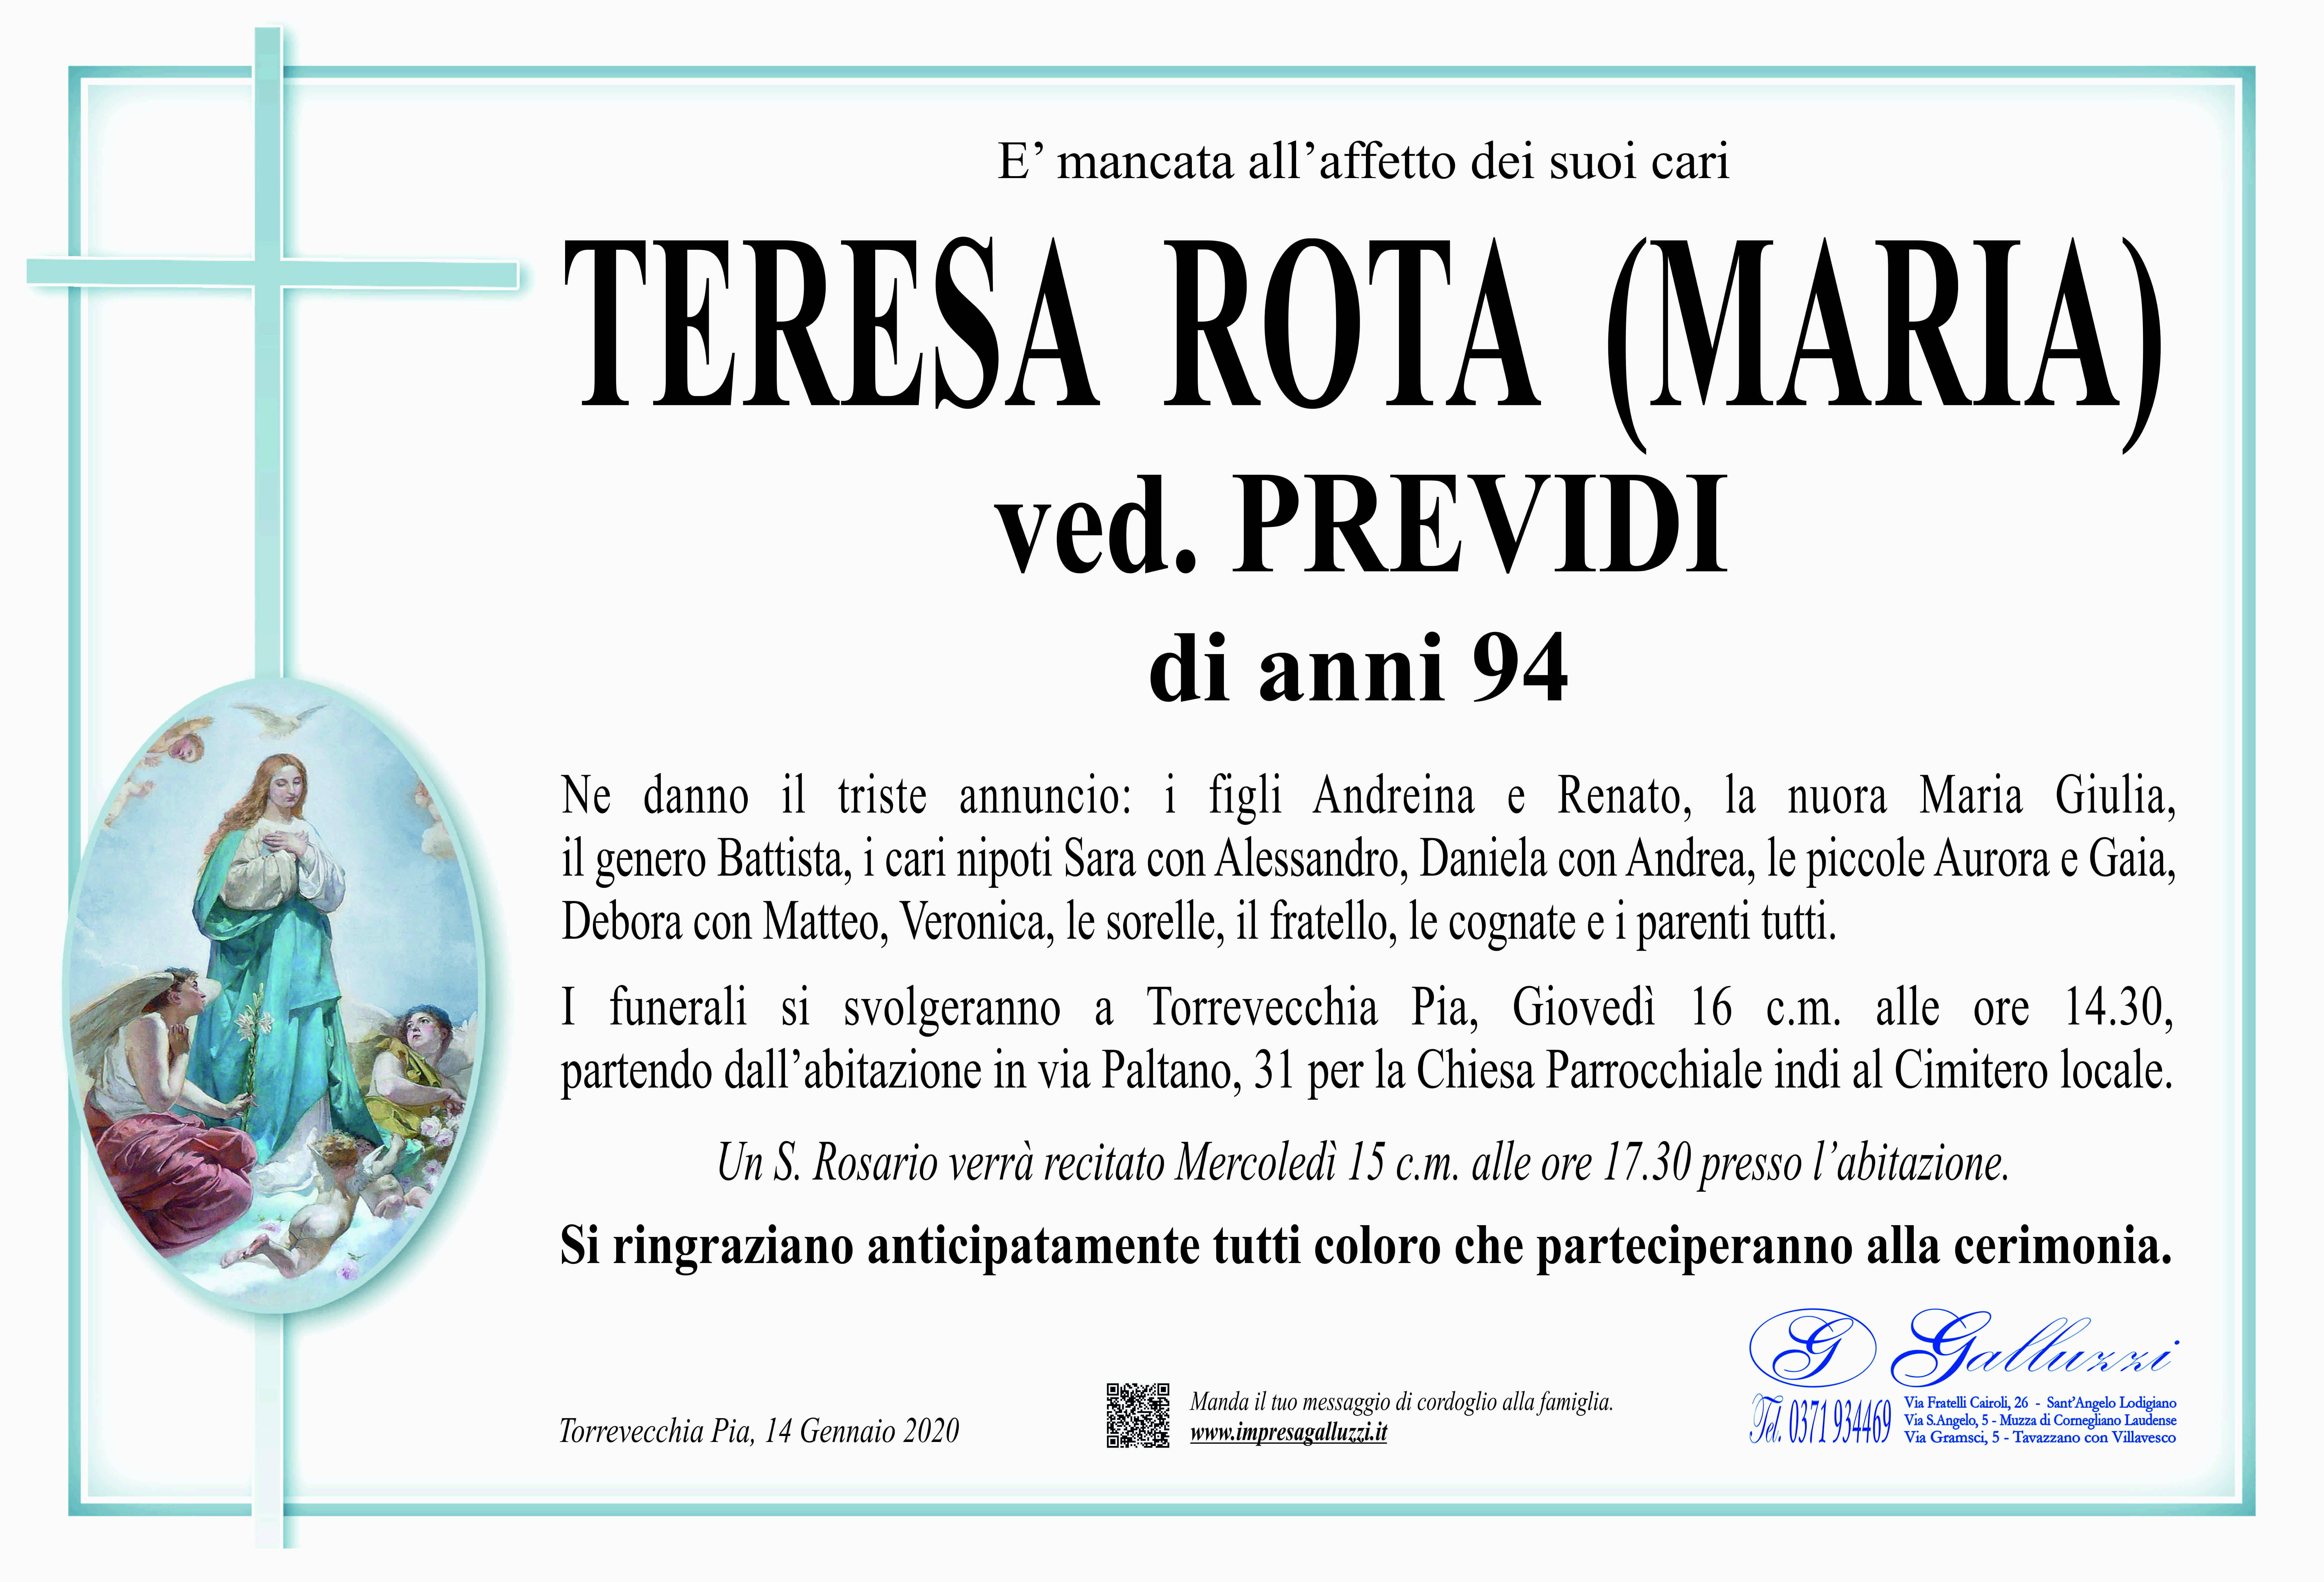 Teresa Rota